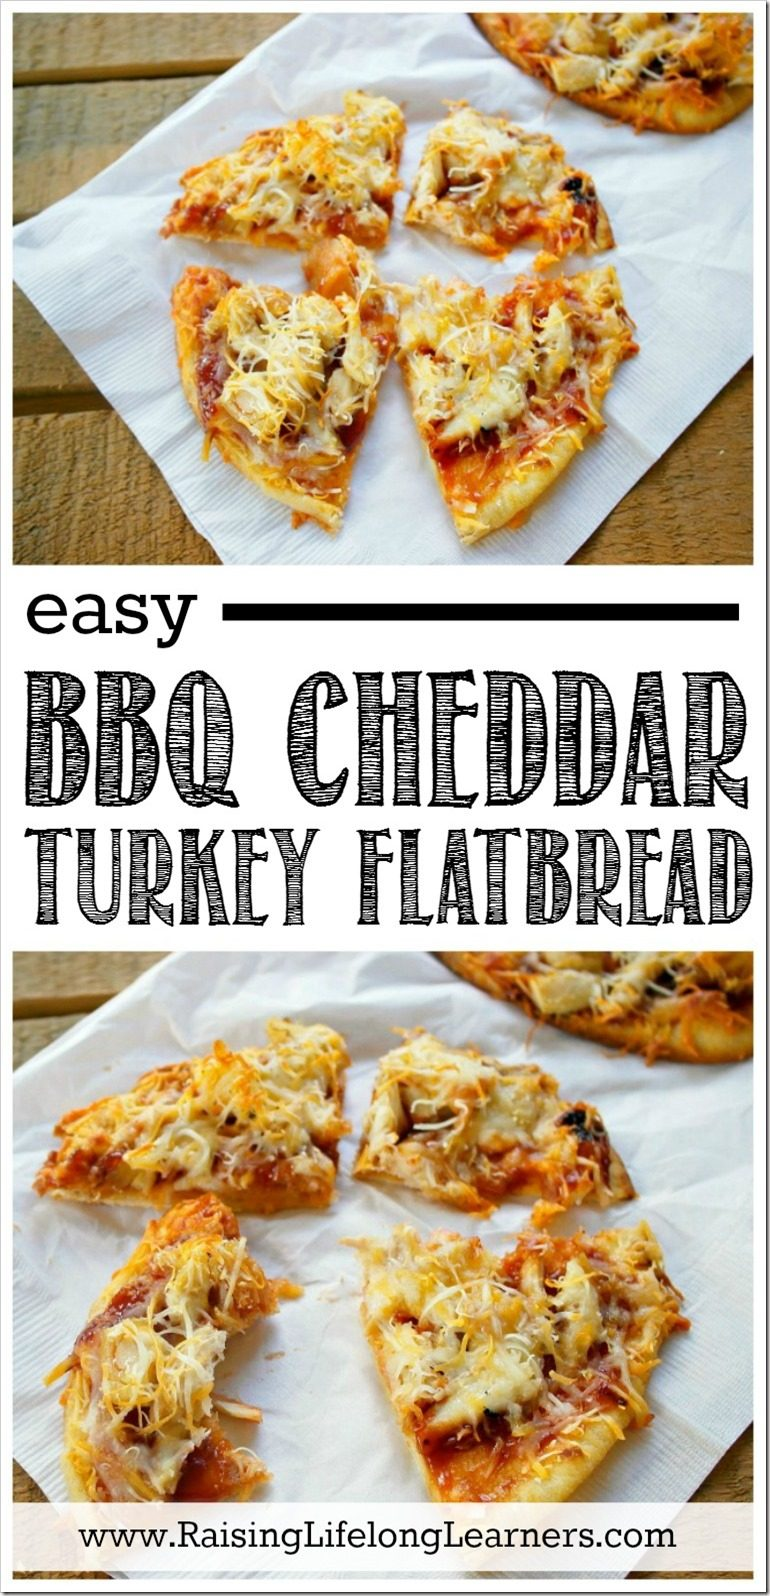 Easy BBQ Cheddar Turkey Flatbread Recipe